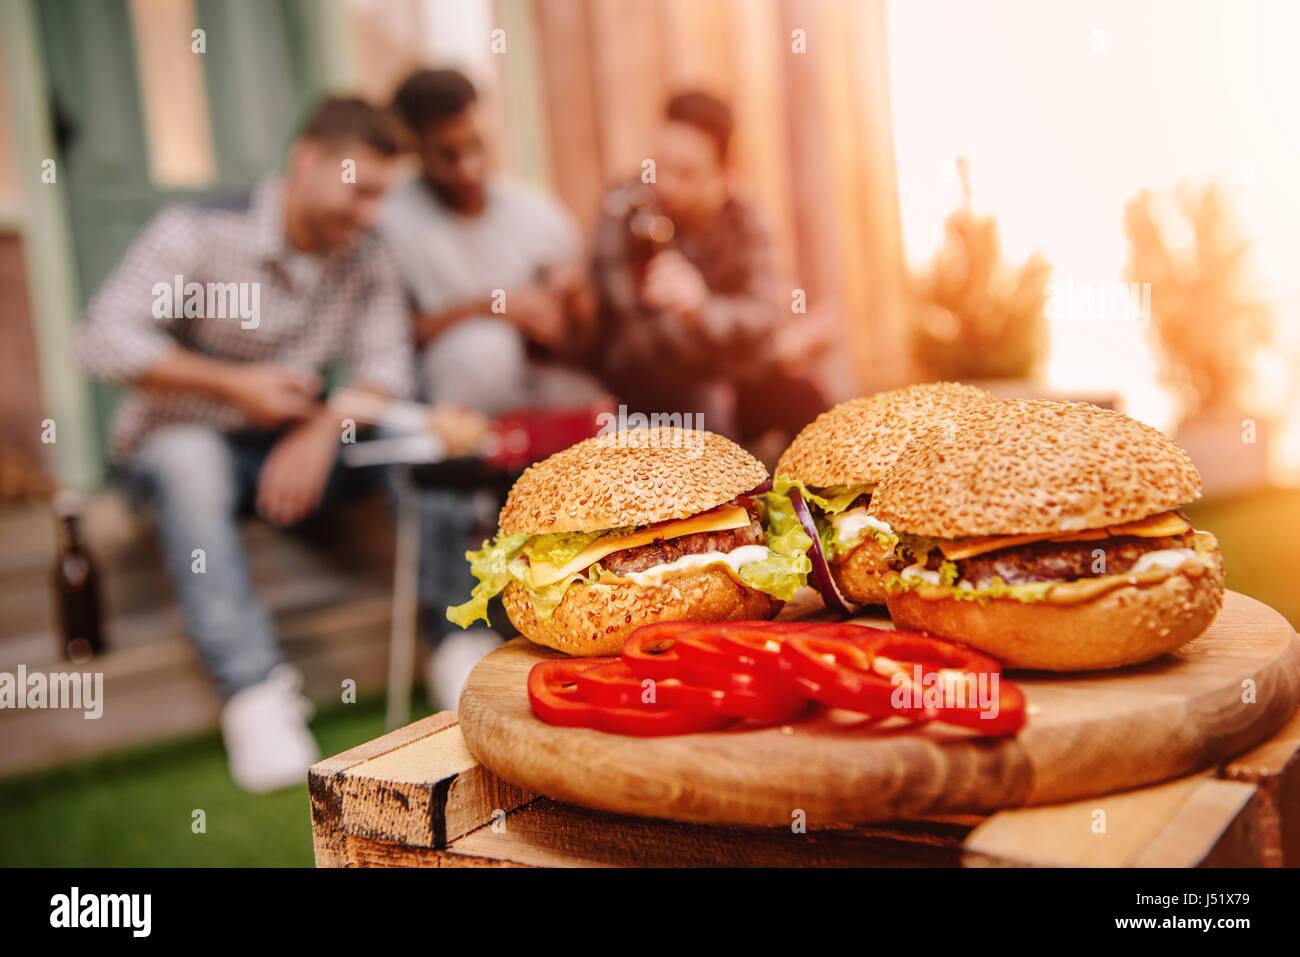 Vista ravvicinata di freschi e saporiti hamburger fatti in casa sul tagliere di legno Immagini Stock